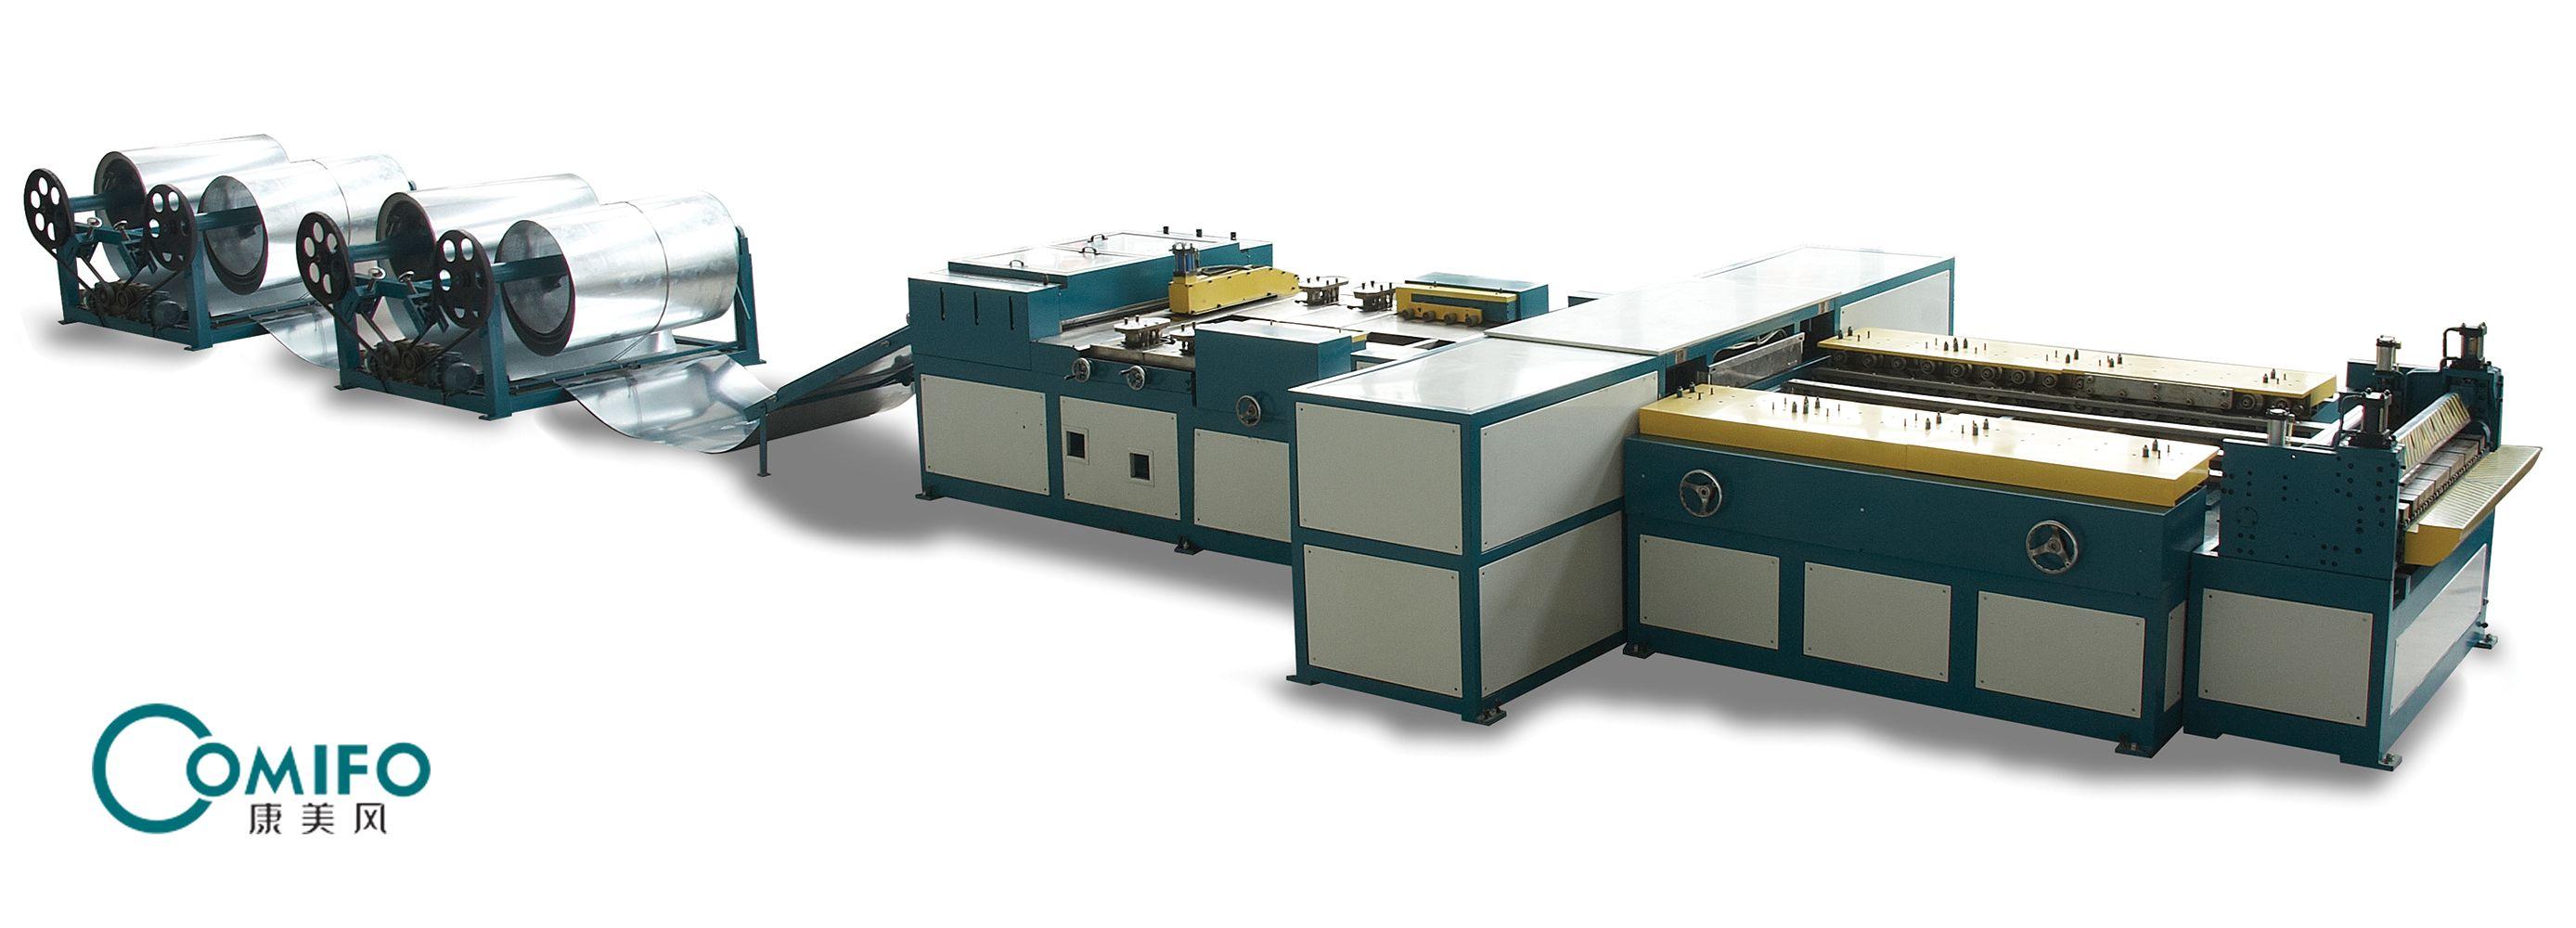 广州康美风全自动风管生产八线 风管生产线 风管加工设备 厂家直销